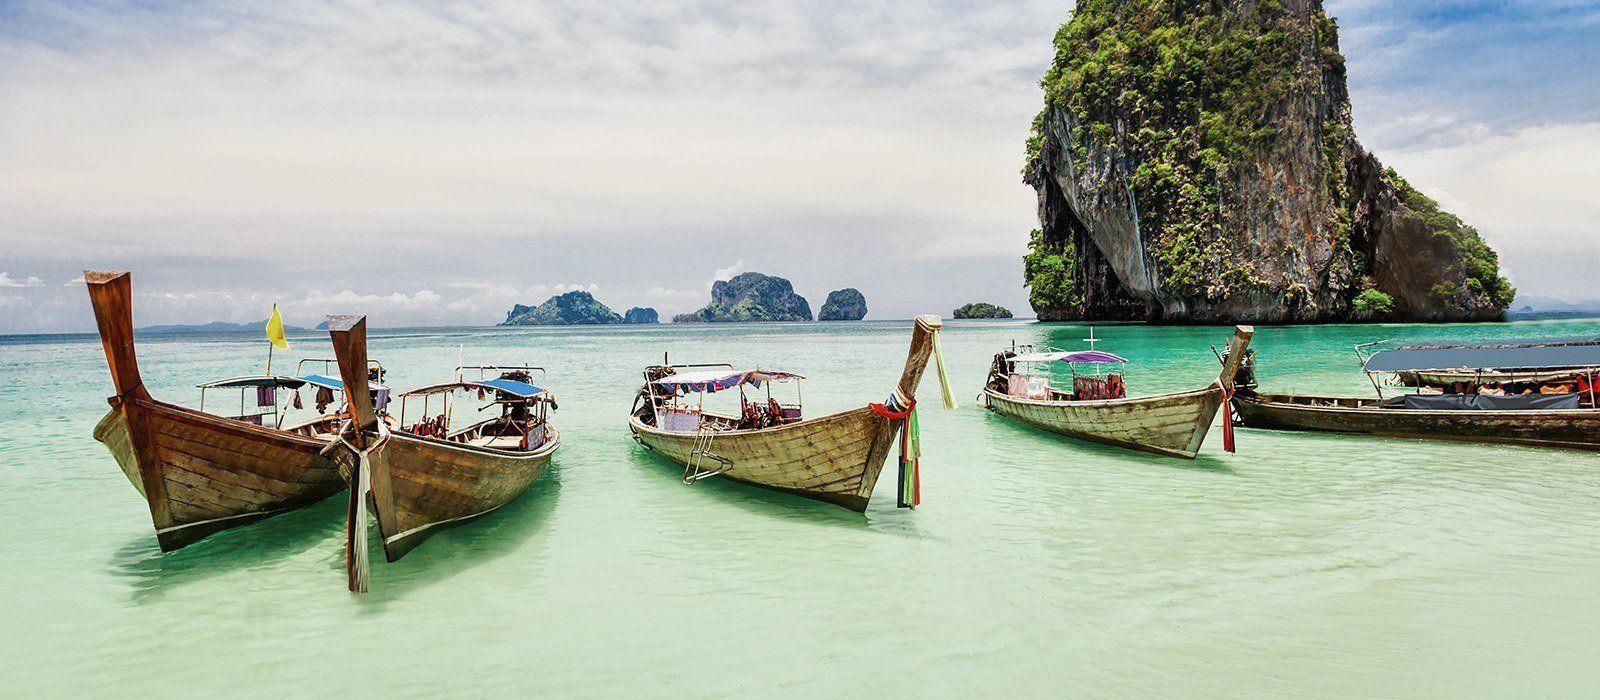 Staunen, shoppen und sonnen in Thailand Urlaub 3